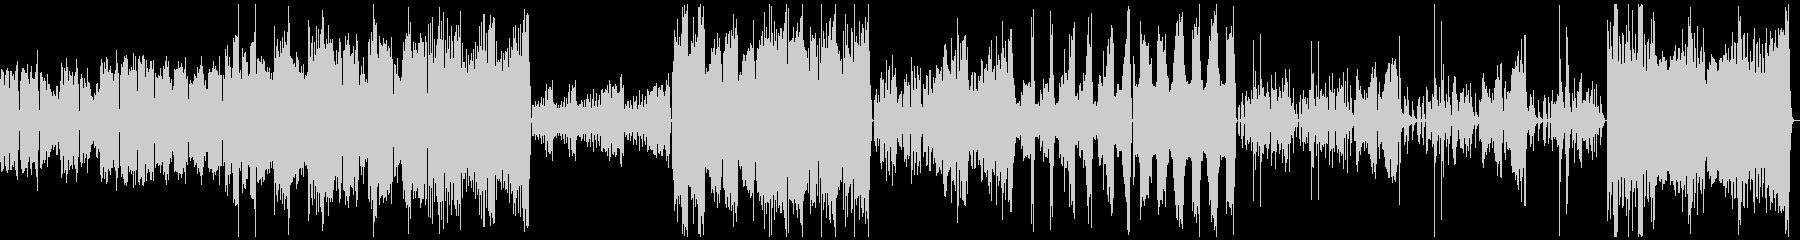 きらきら星変奏曲(フルバージョン)の未再生の波形